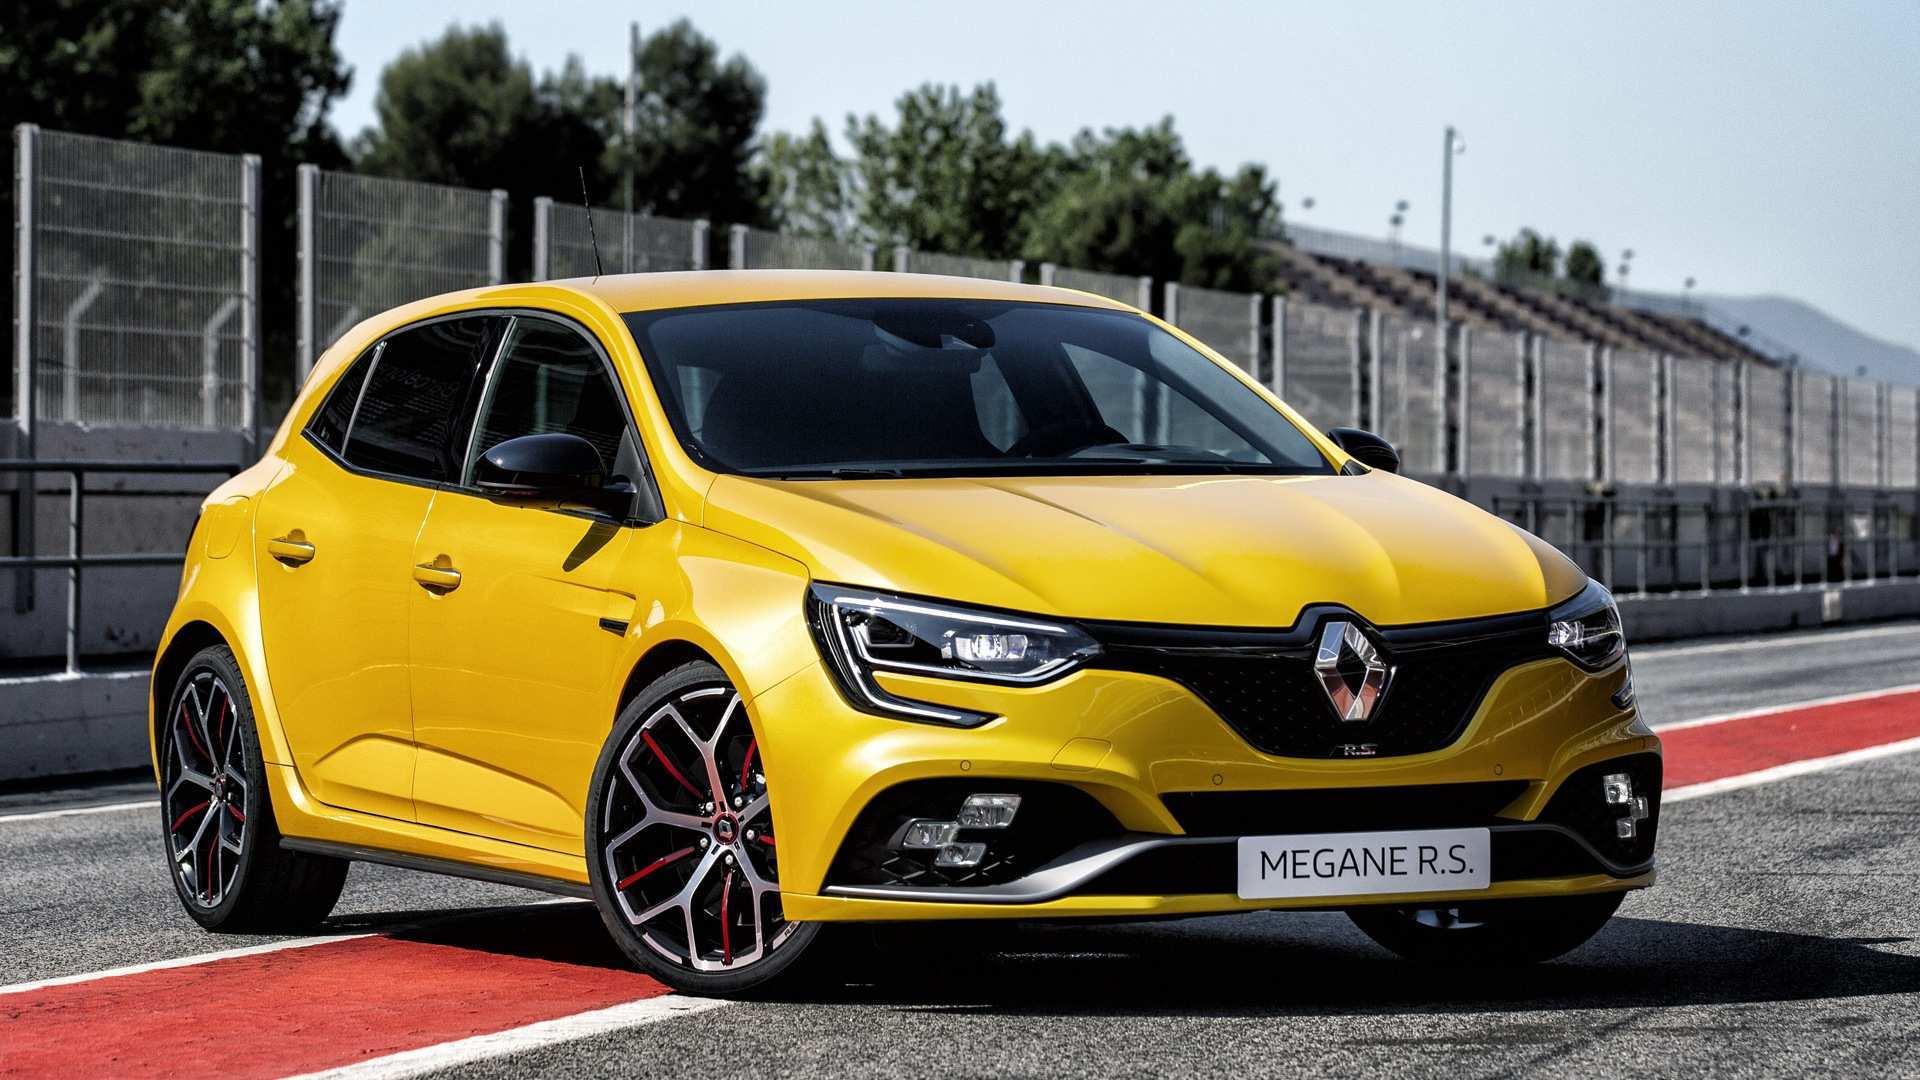 58 The Renault Usa 2020 Spy Shoot by Renault Usa 2020